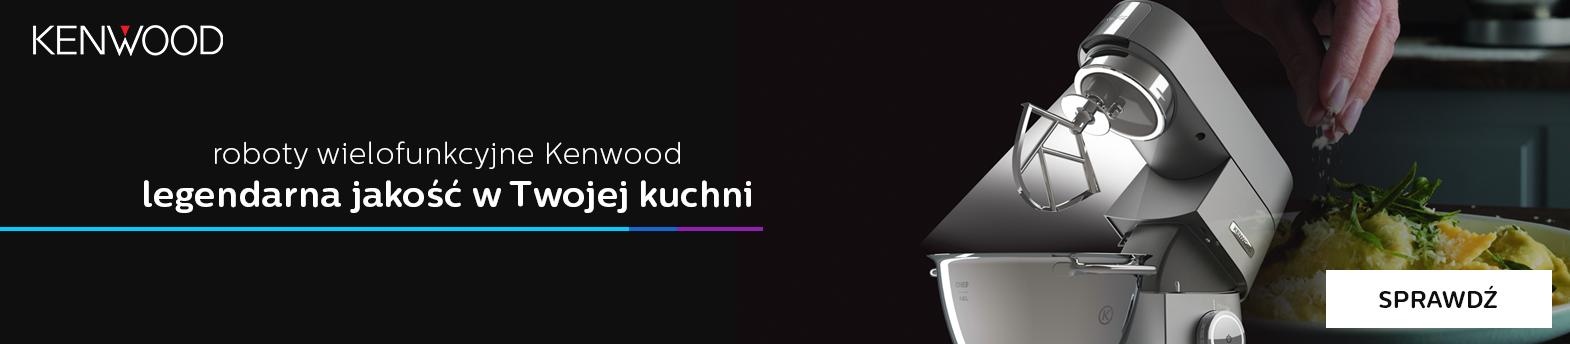 roboty kenwood